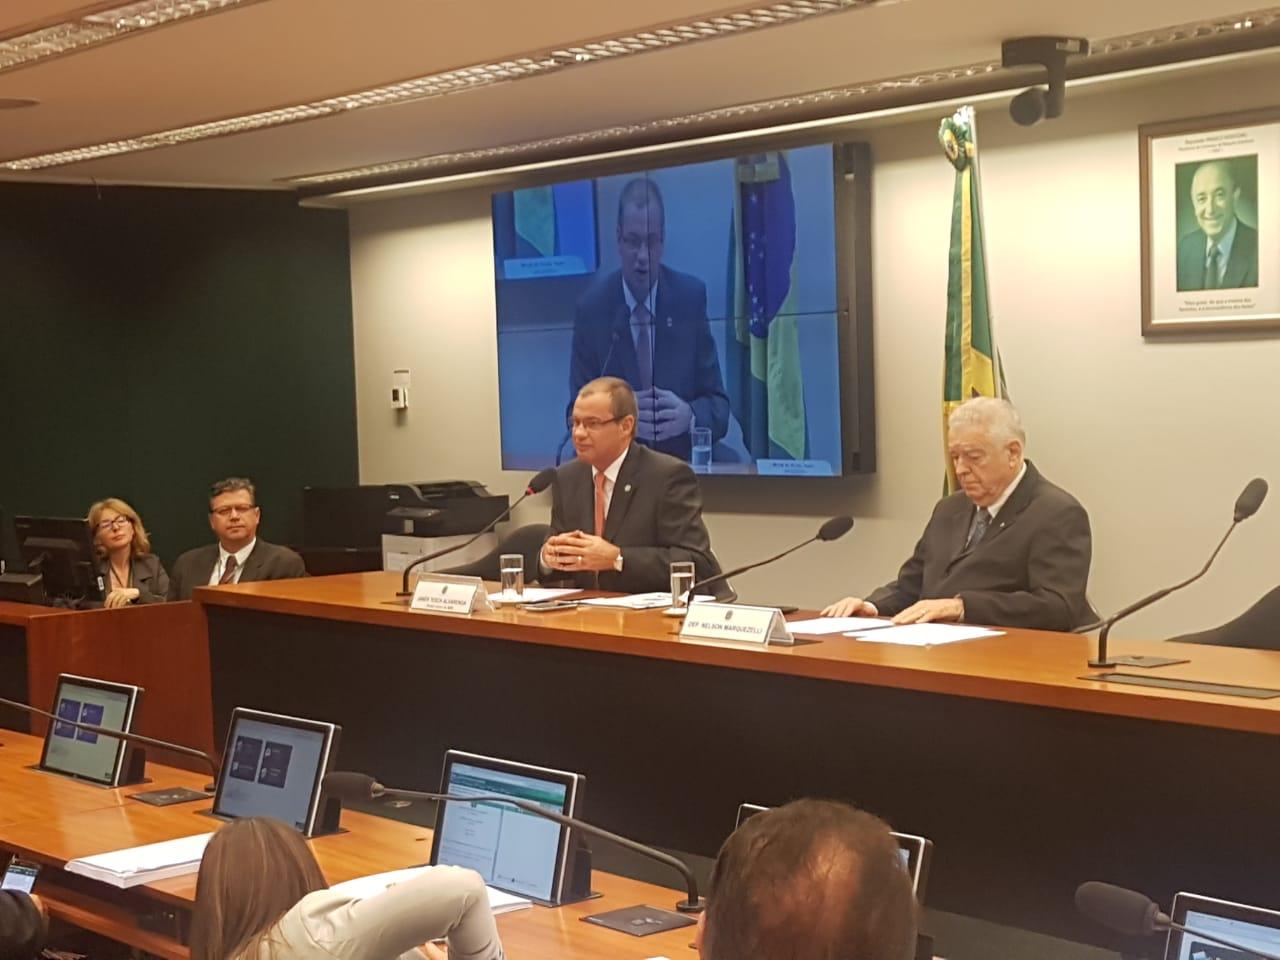 Audiência pública sobre o papel da Agência Brasileira de Inteligência (ABIN) e a importância da inteligência de Estado para o Brasil